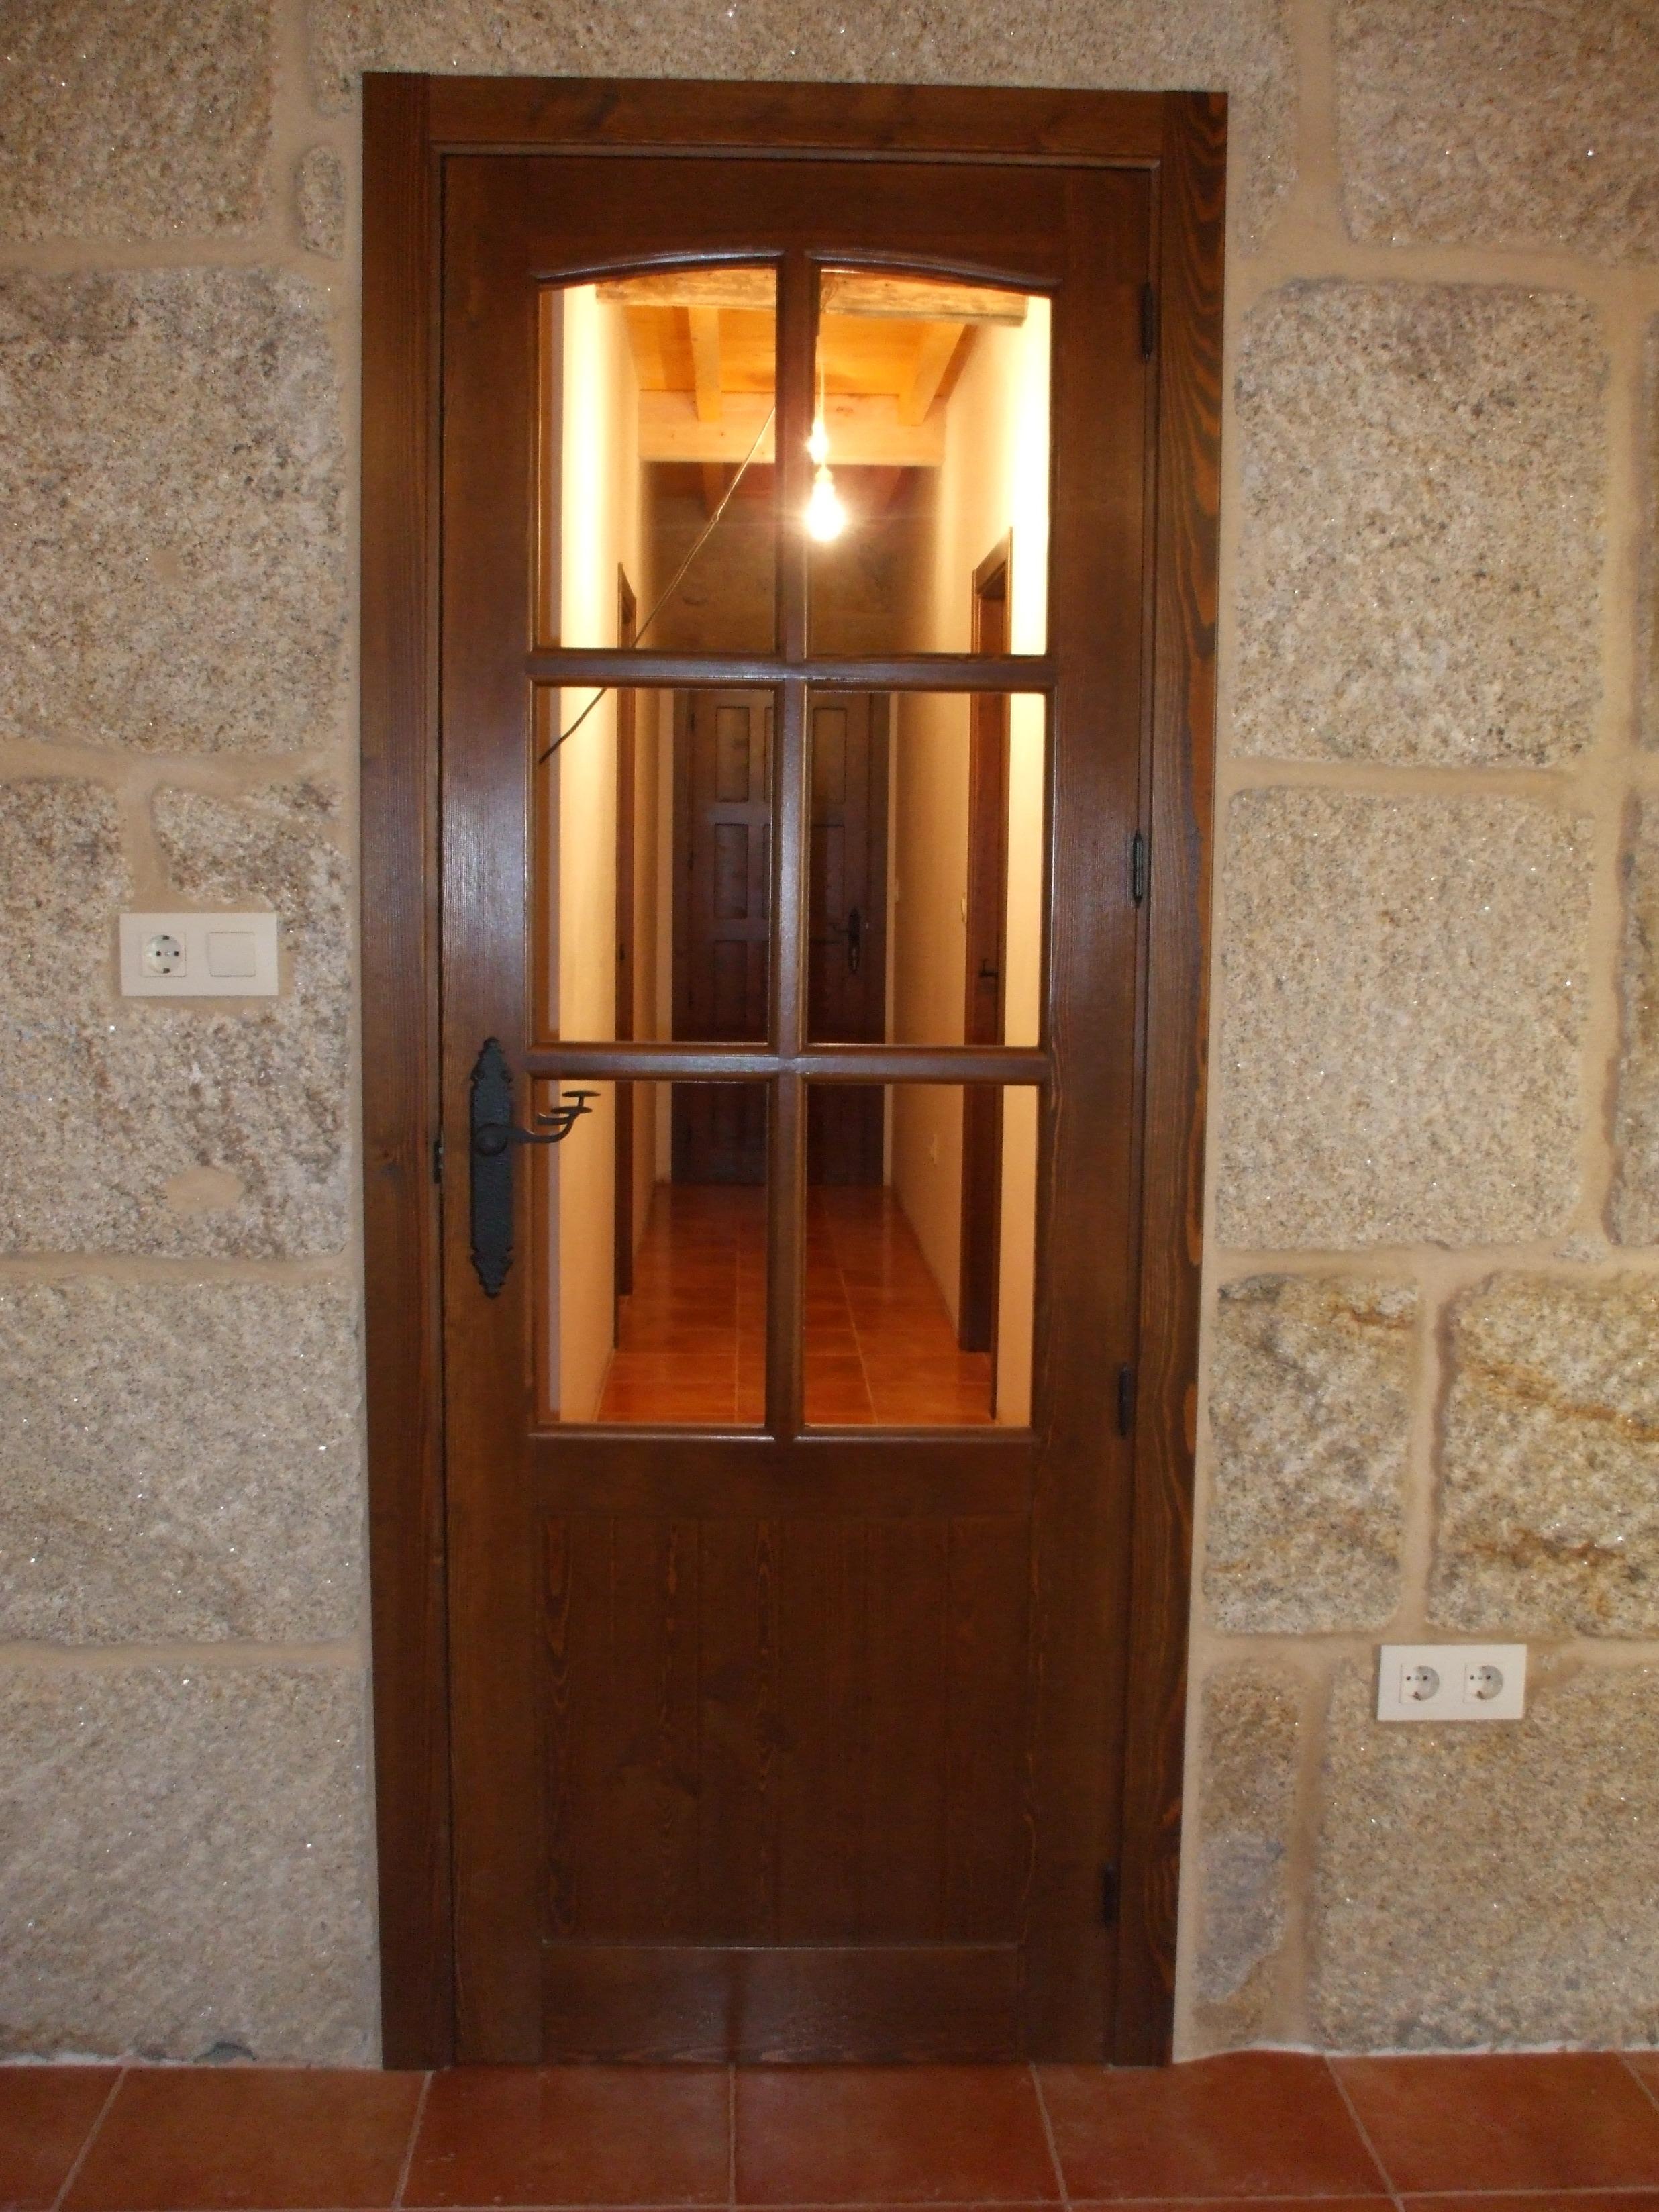 Puerta interior r stica modelo cuenca curva puertas for Puertas rusticas de madera interior